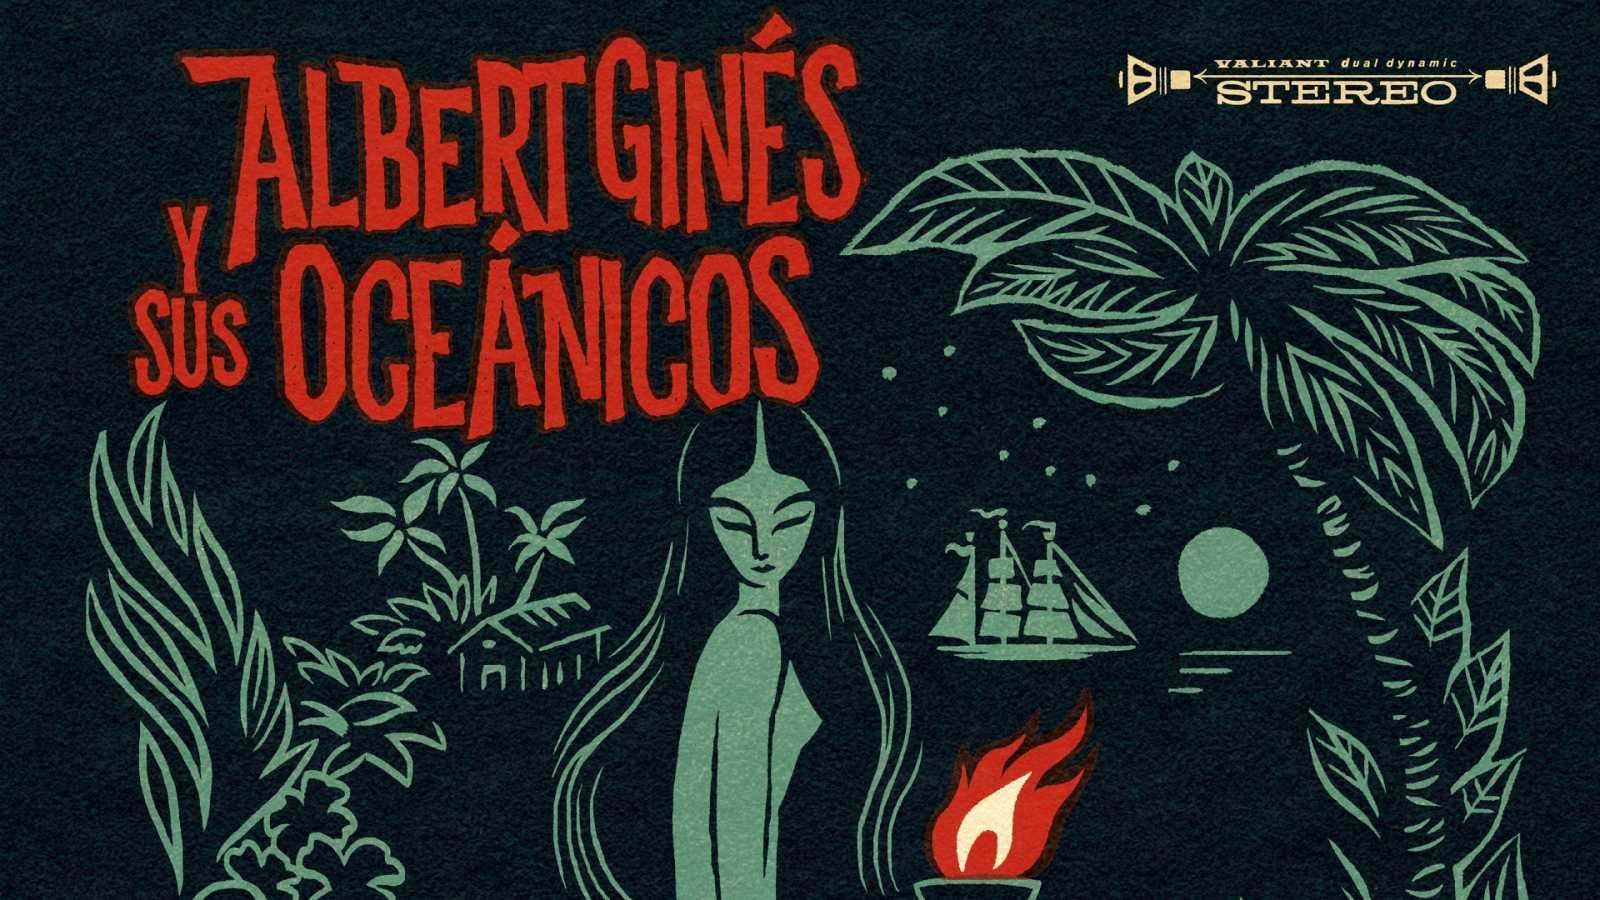 El sótano - Albert Ginés y sus Oceánicos, The Mono Men, The Marksmen... - 02/02/21 - escuchar ahora